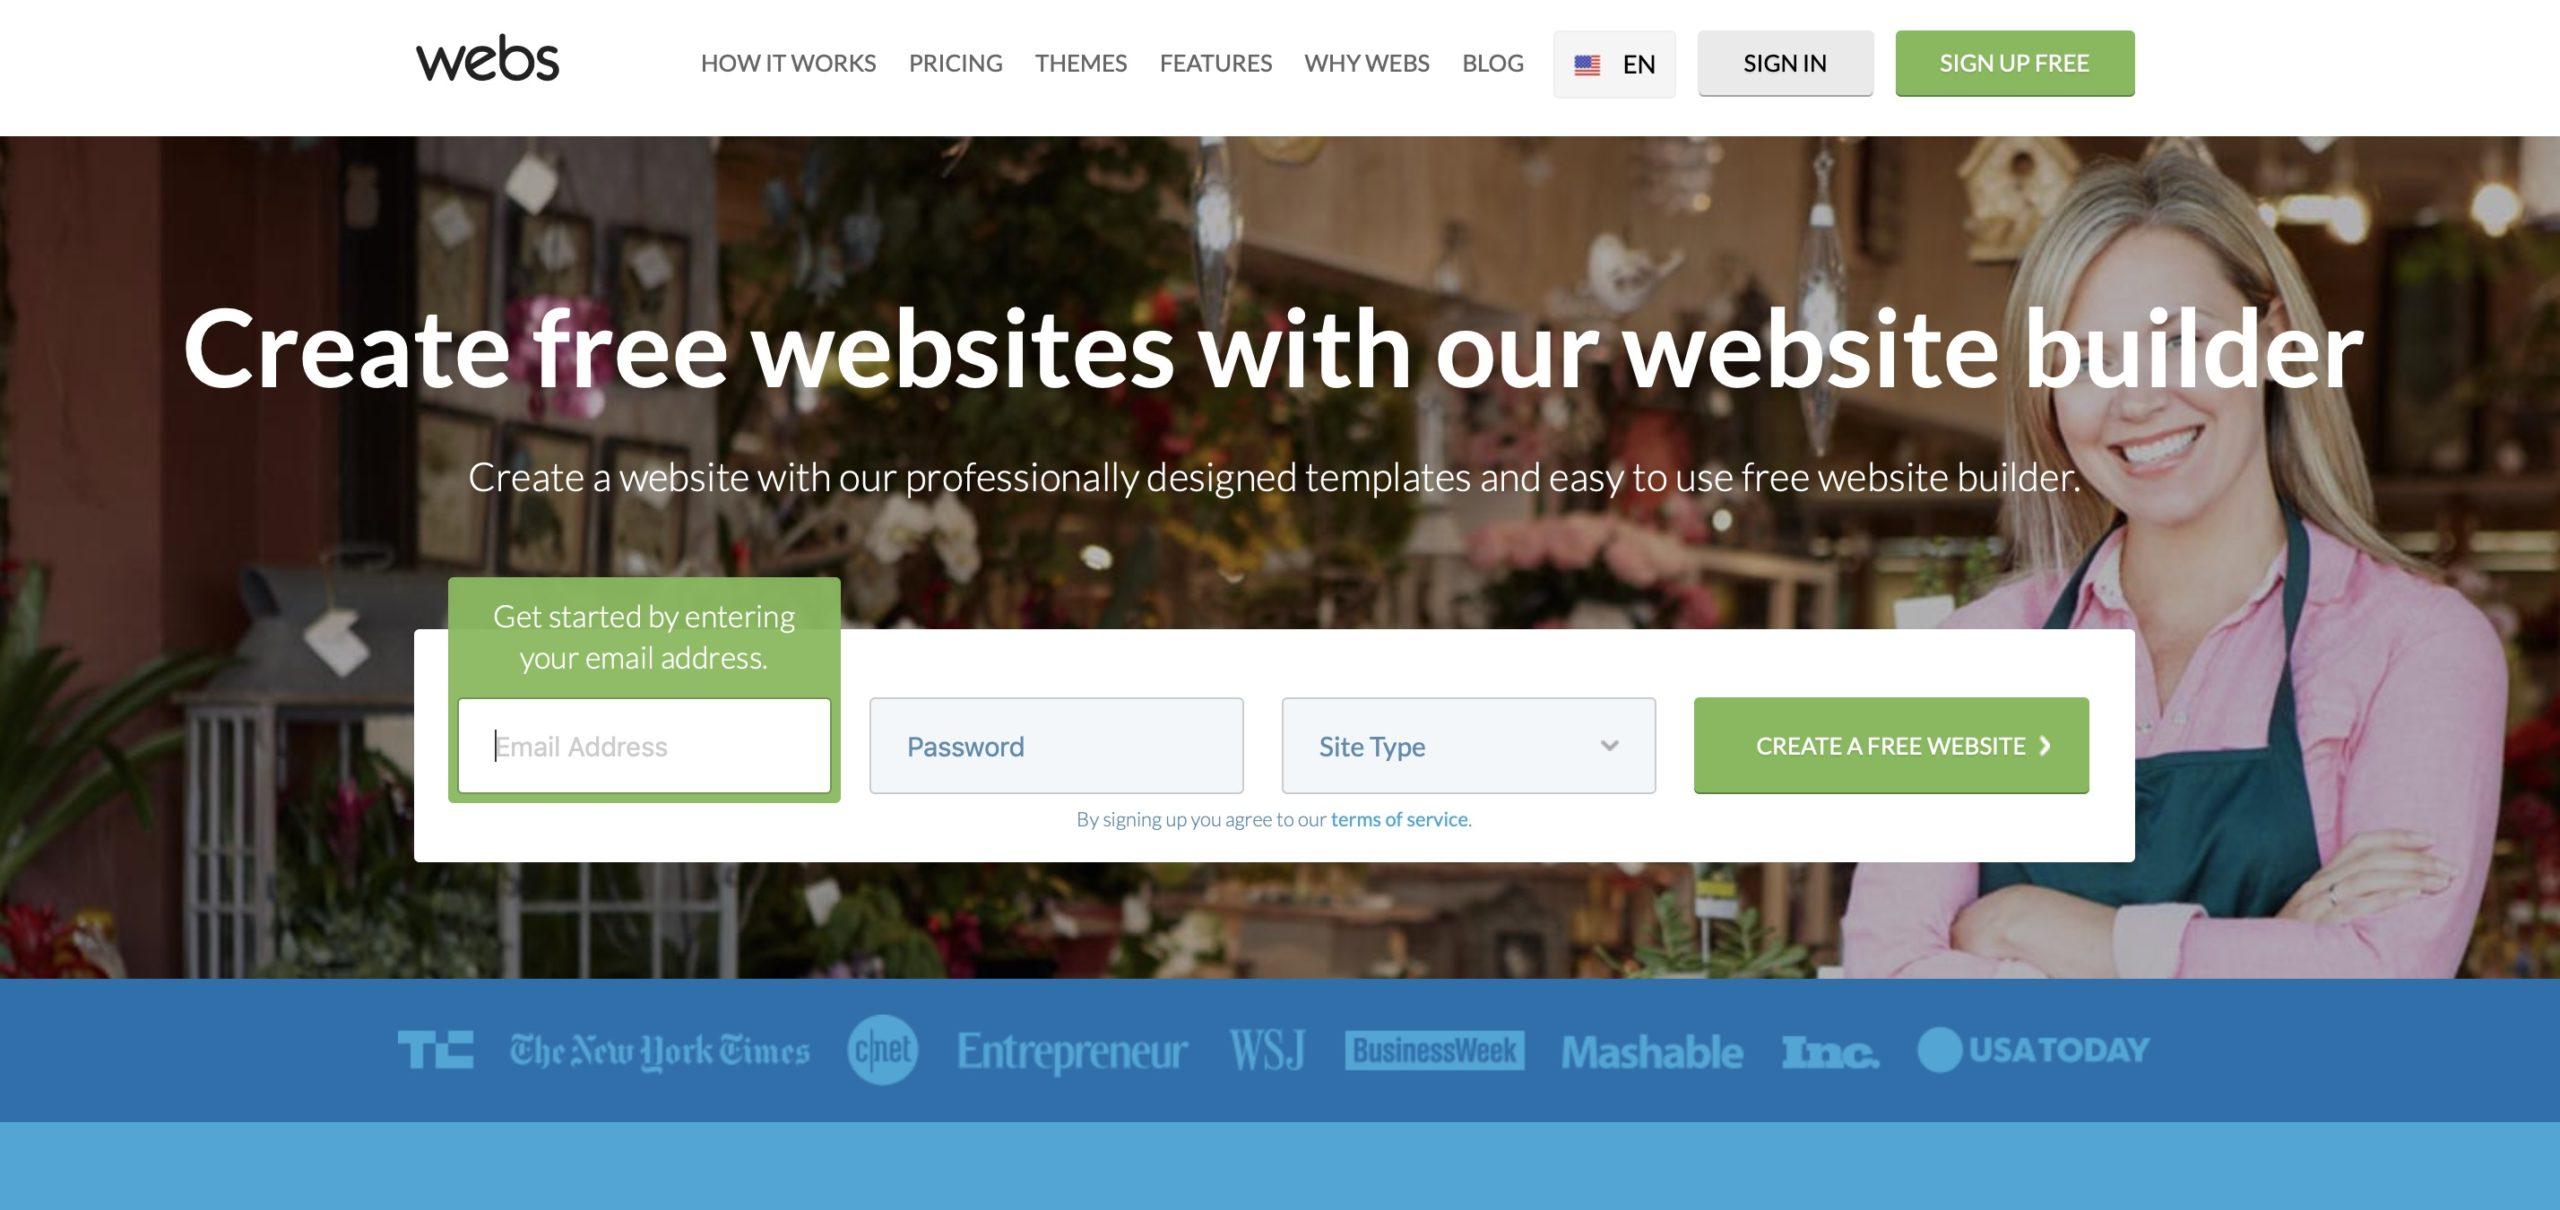 Webs website builder homepage screenshot